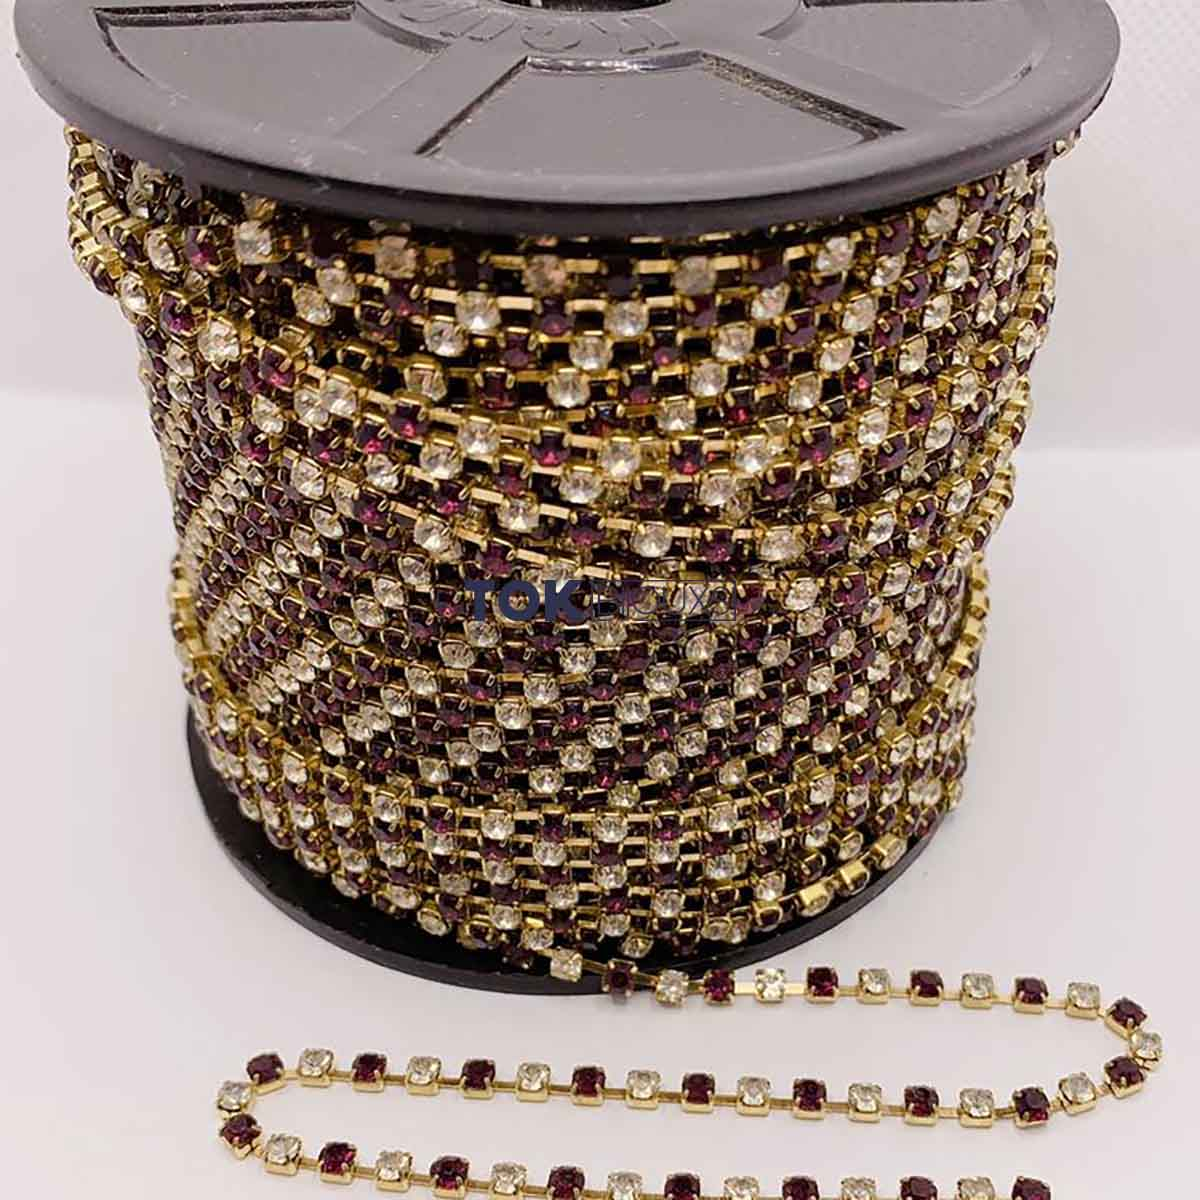 Atacado - Corrente De Strass SS12 - Corrente Dourado C/ Pedra Cristal Uva - 50m